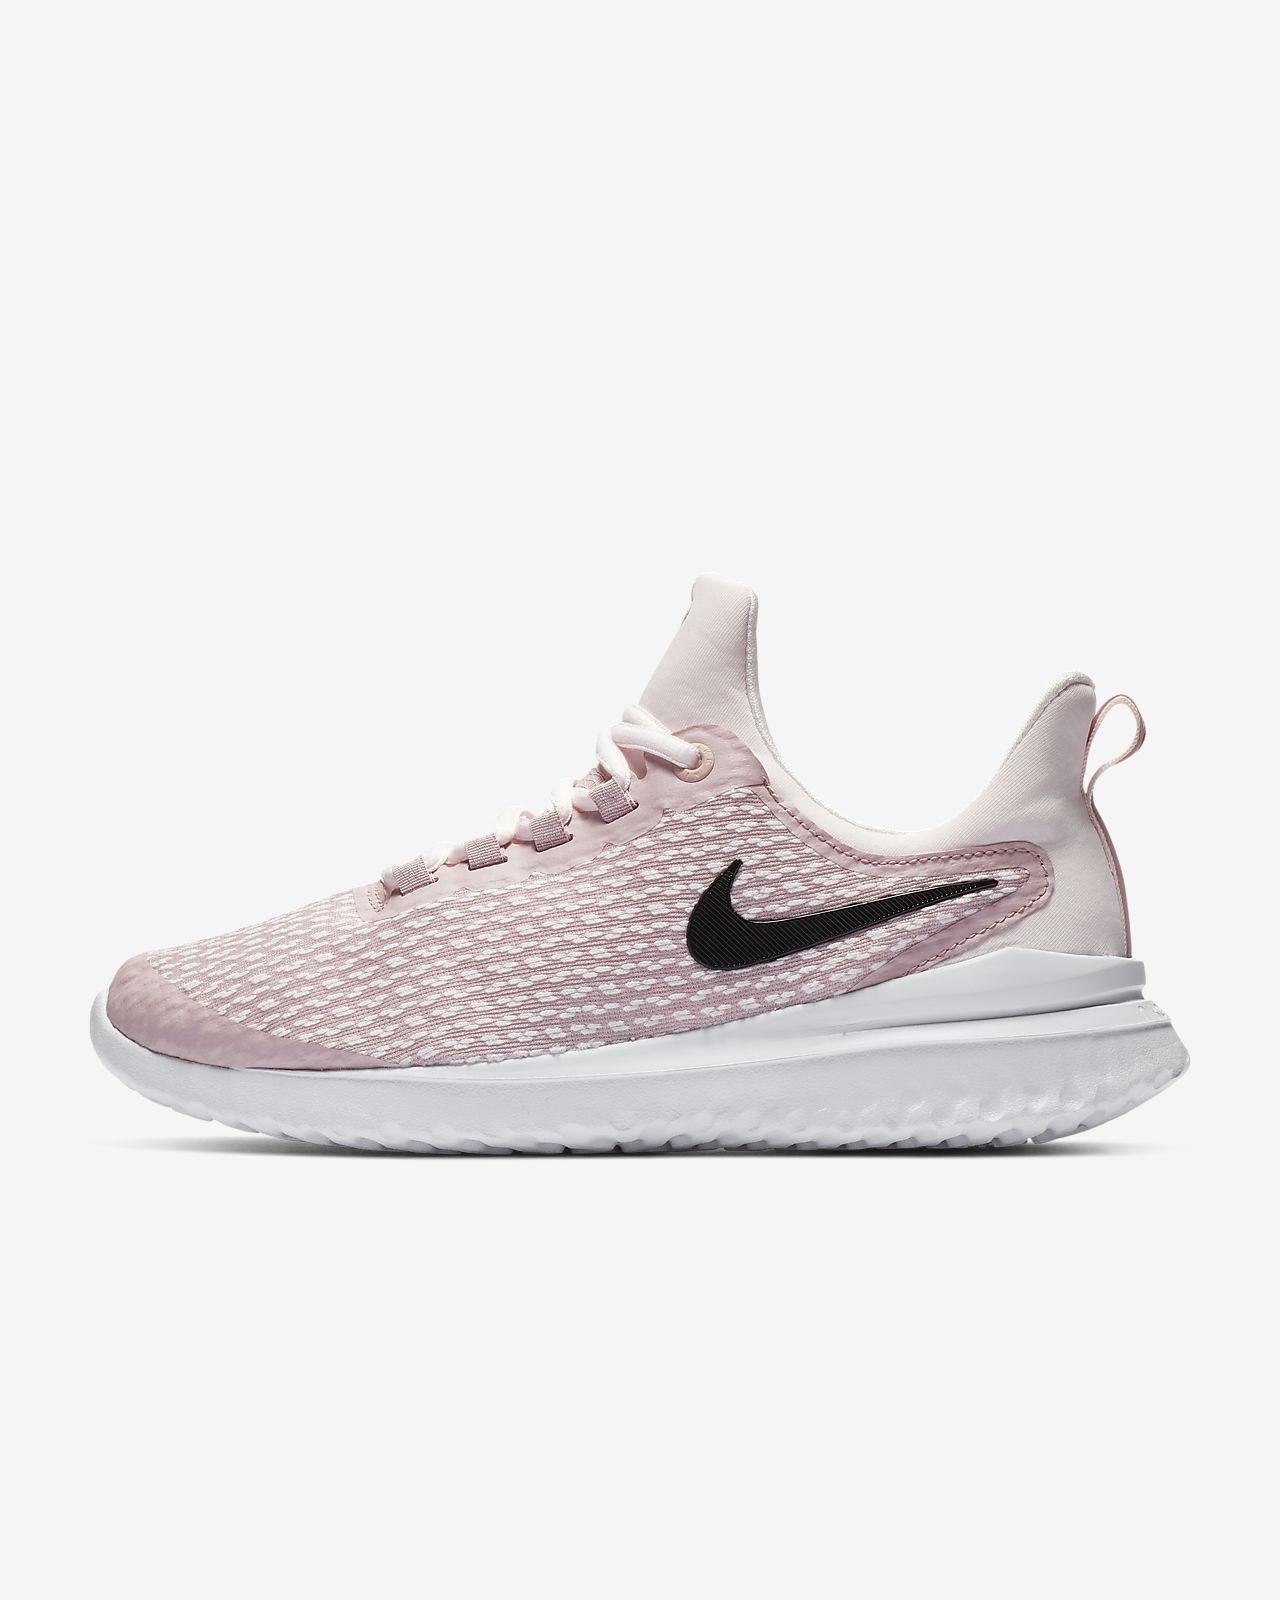 Nike Renew Rival 2E 女子跑步鞋